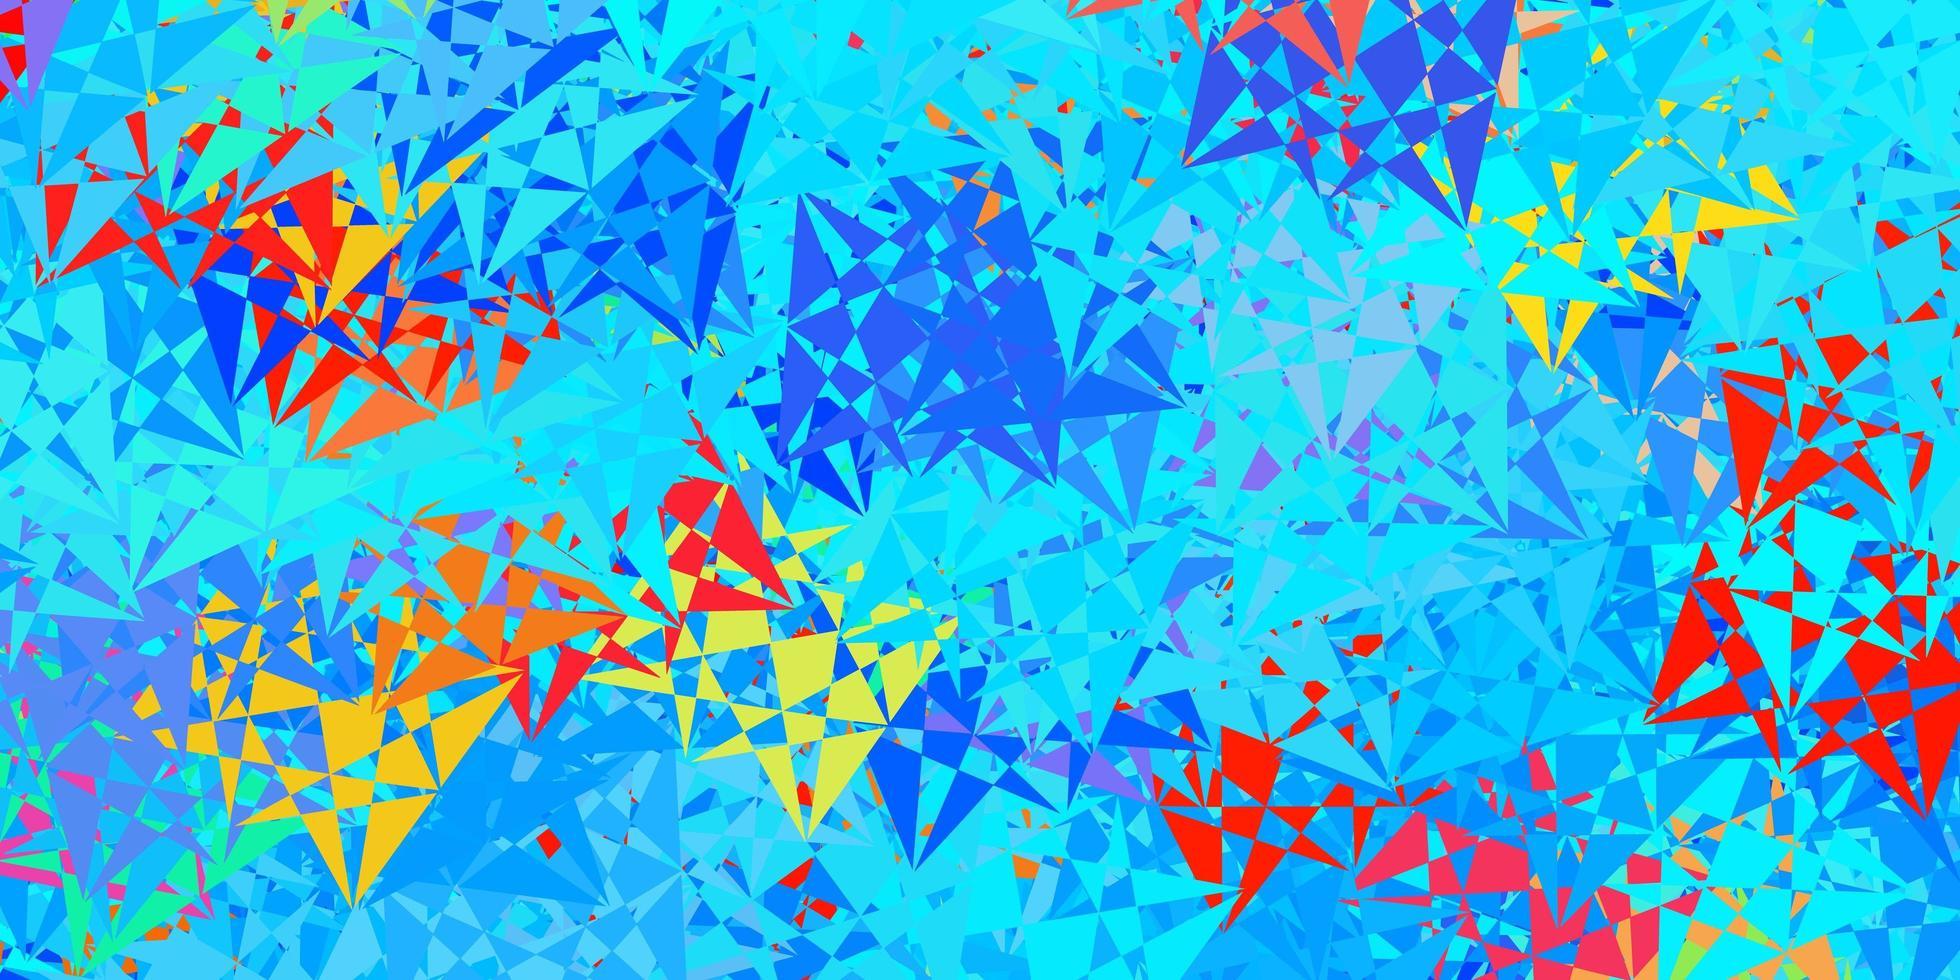 diseño multicolor con formas triangulares. vector